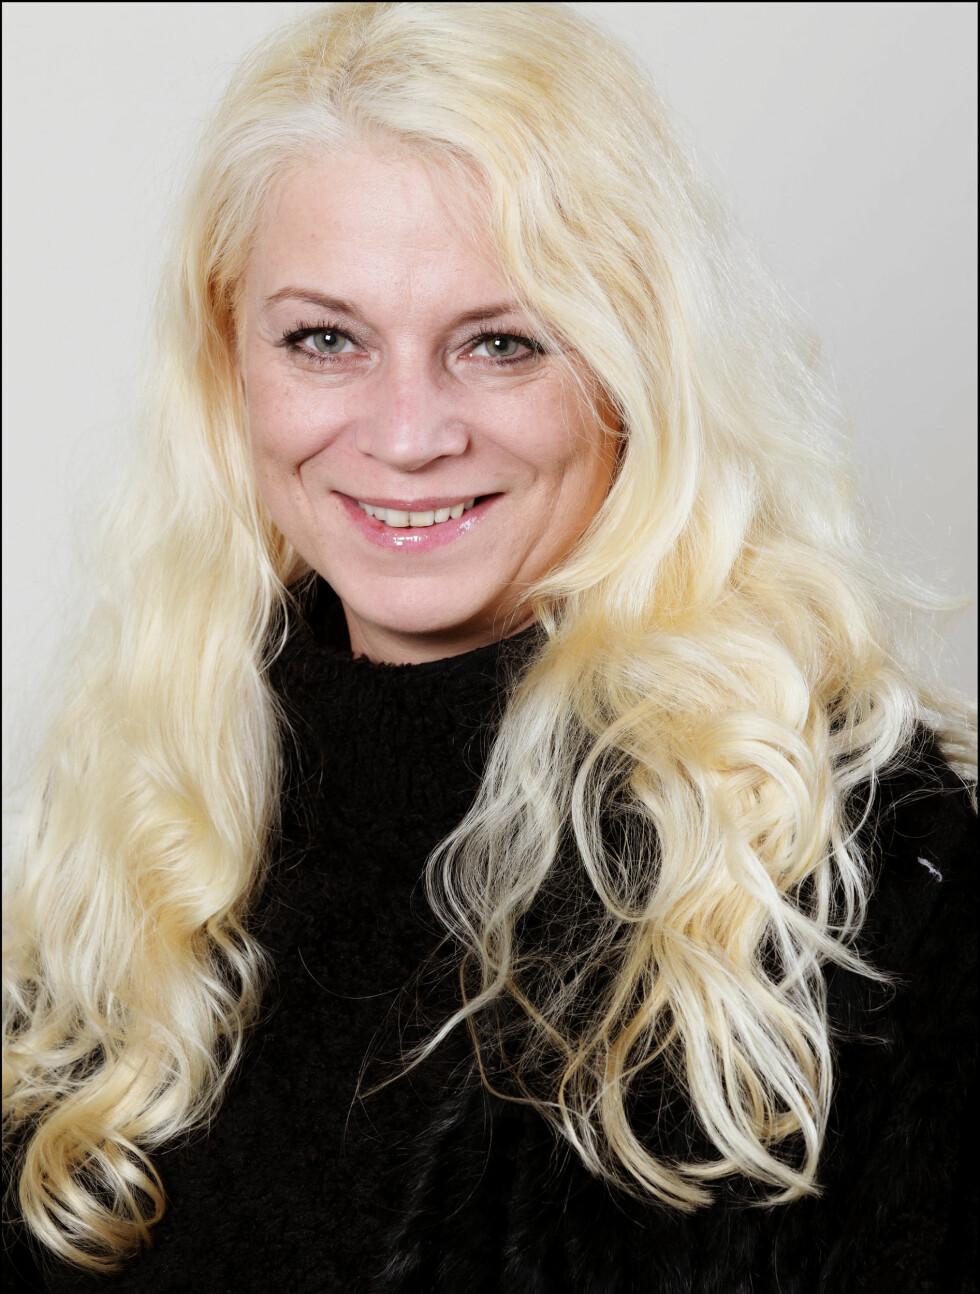 Navn: Merete Fjellstad  Sted: Husnes Alder: 41 år  Yrke: Driver en Narvesenkiosk Sivilstatus: Singel Personlig eiendel: Samekniv Foto: TV3